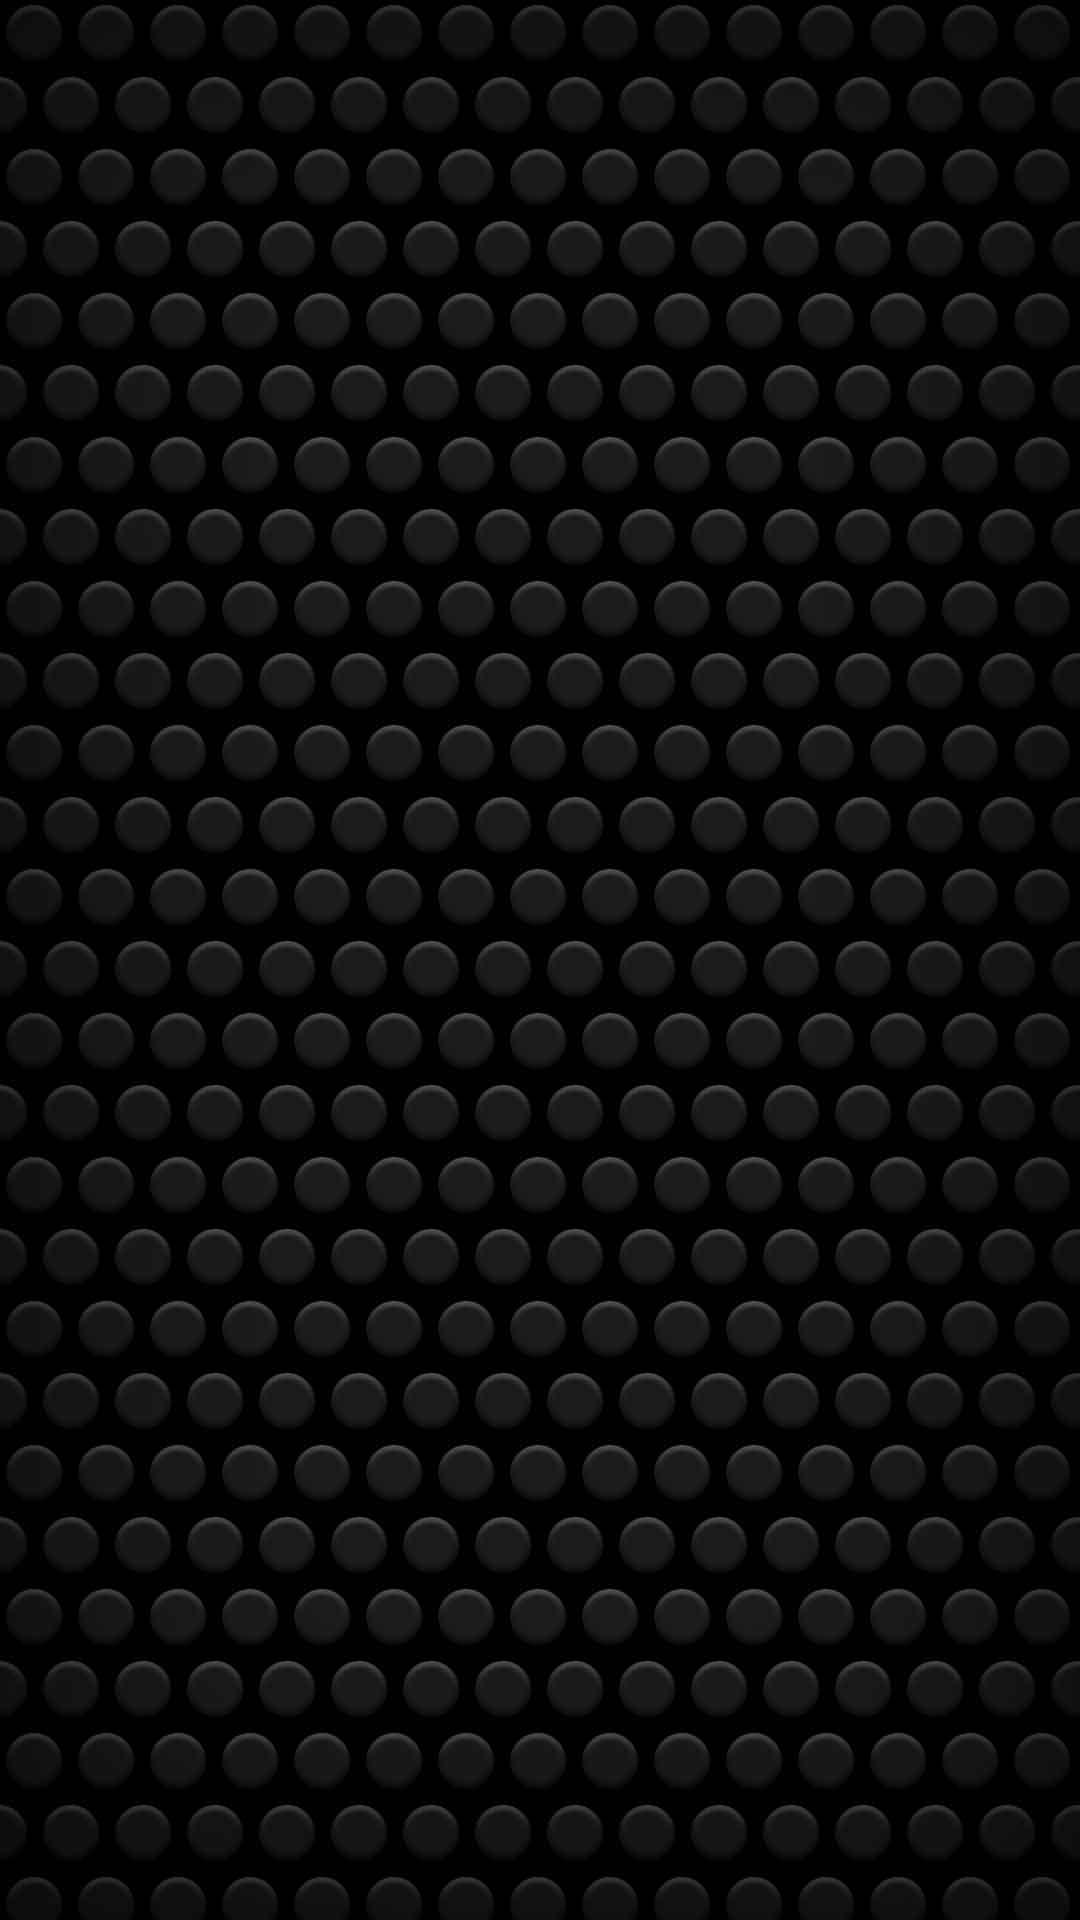 simple black wallpaper